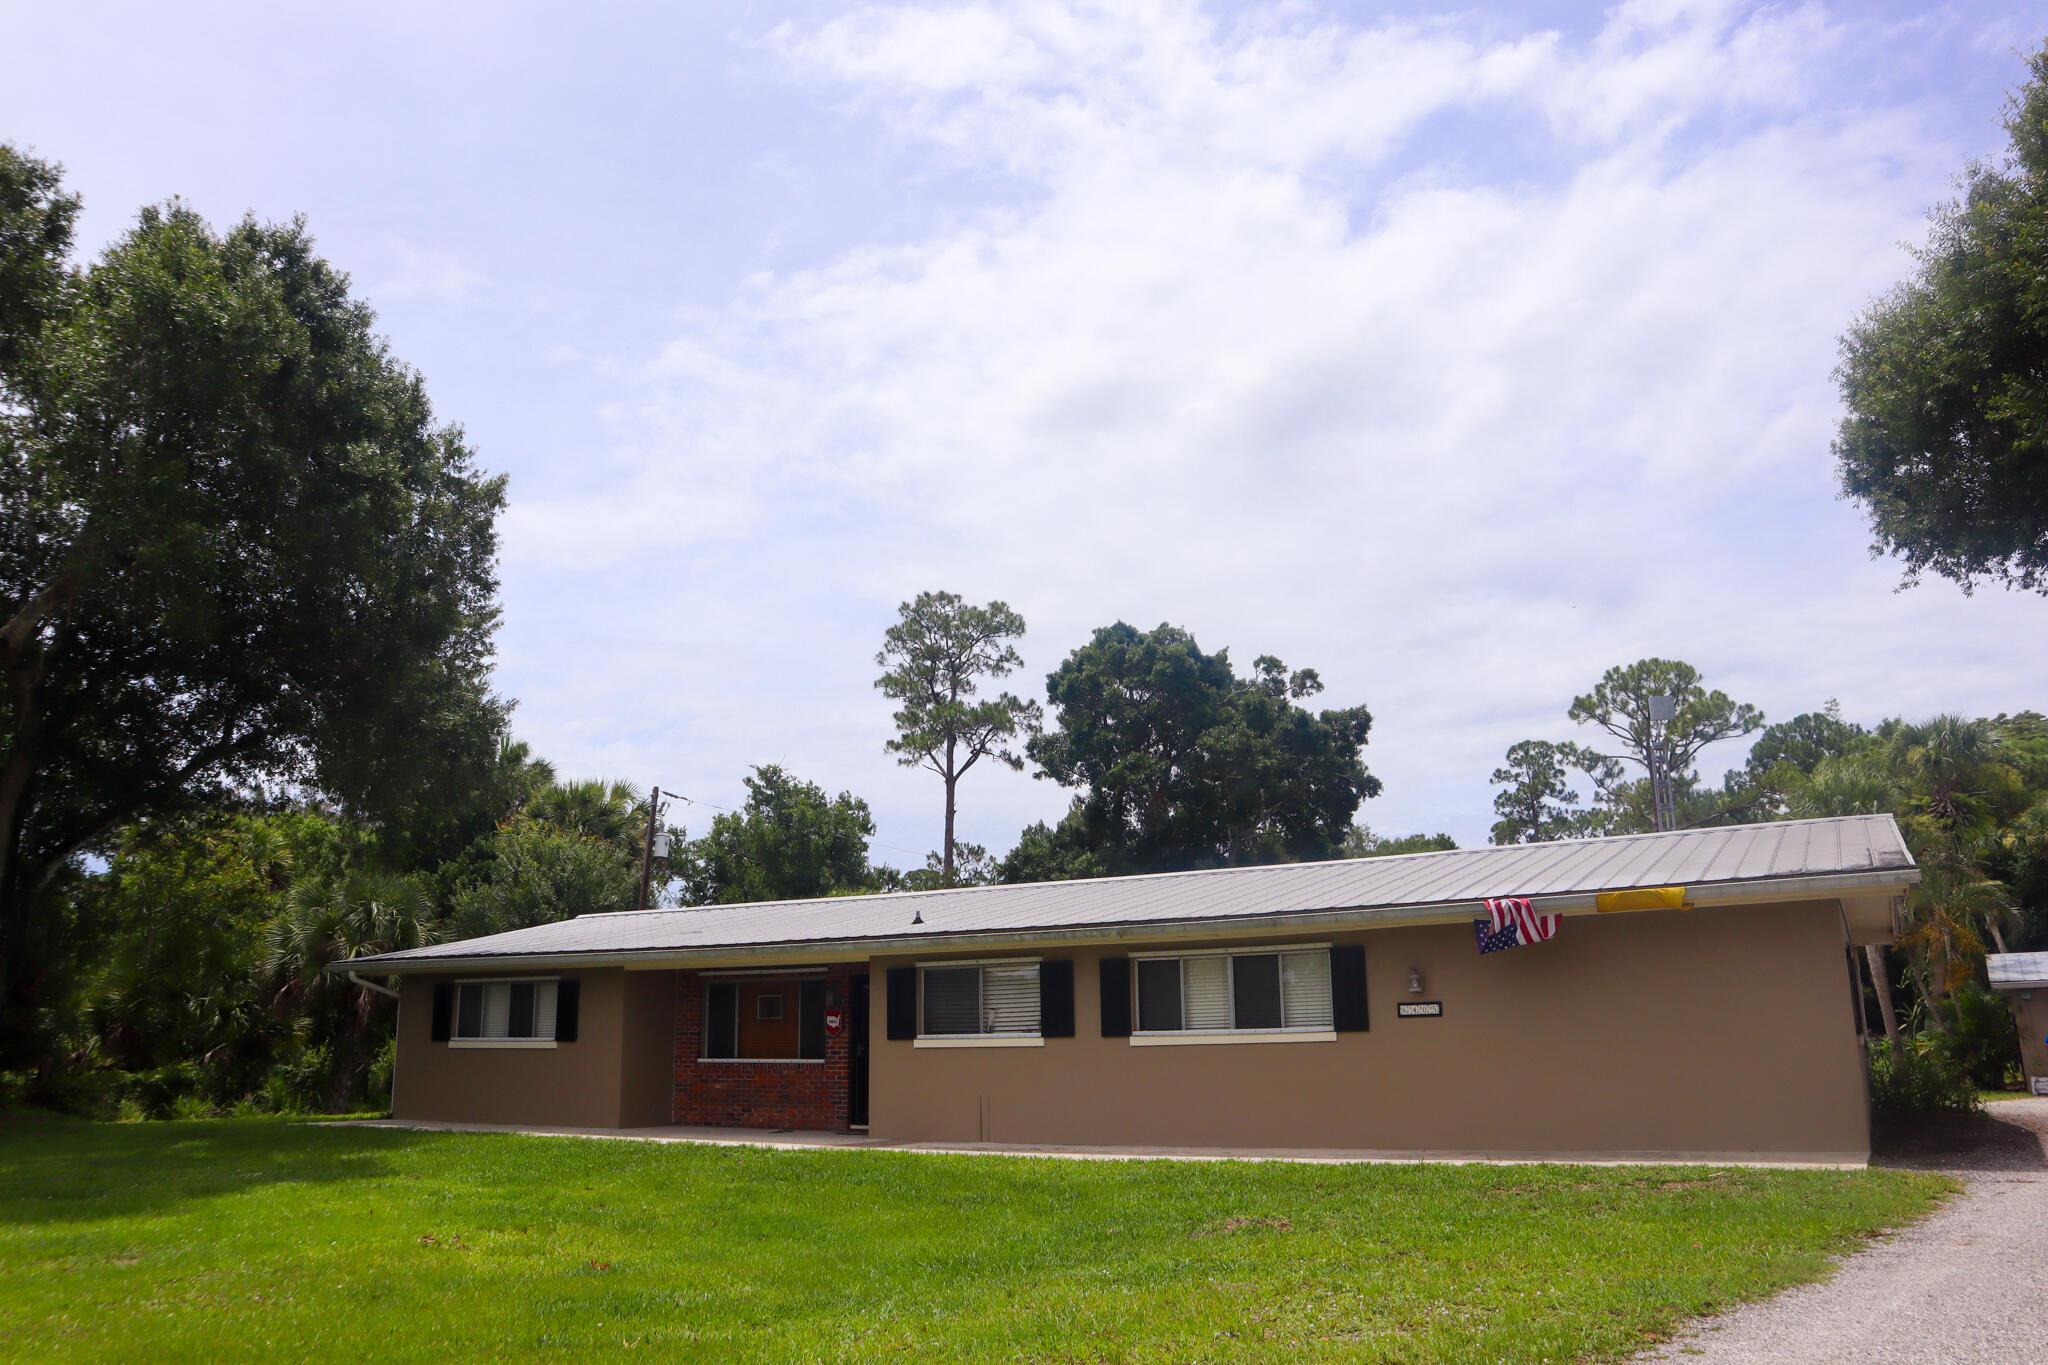 6405 Atlantic Boulevard - 32966 - FL - Vero Beach